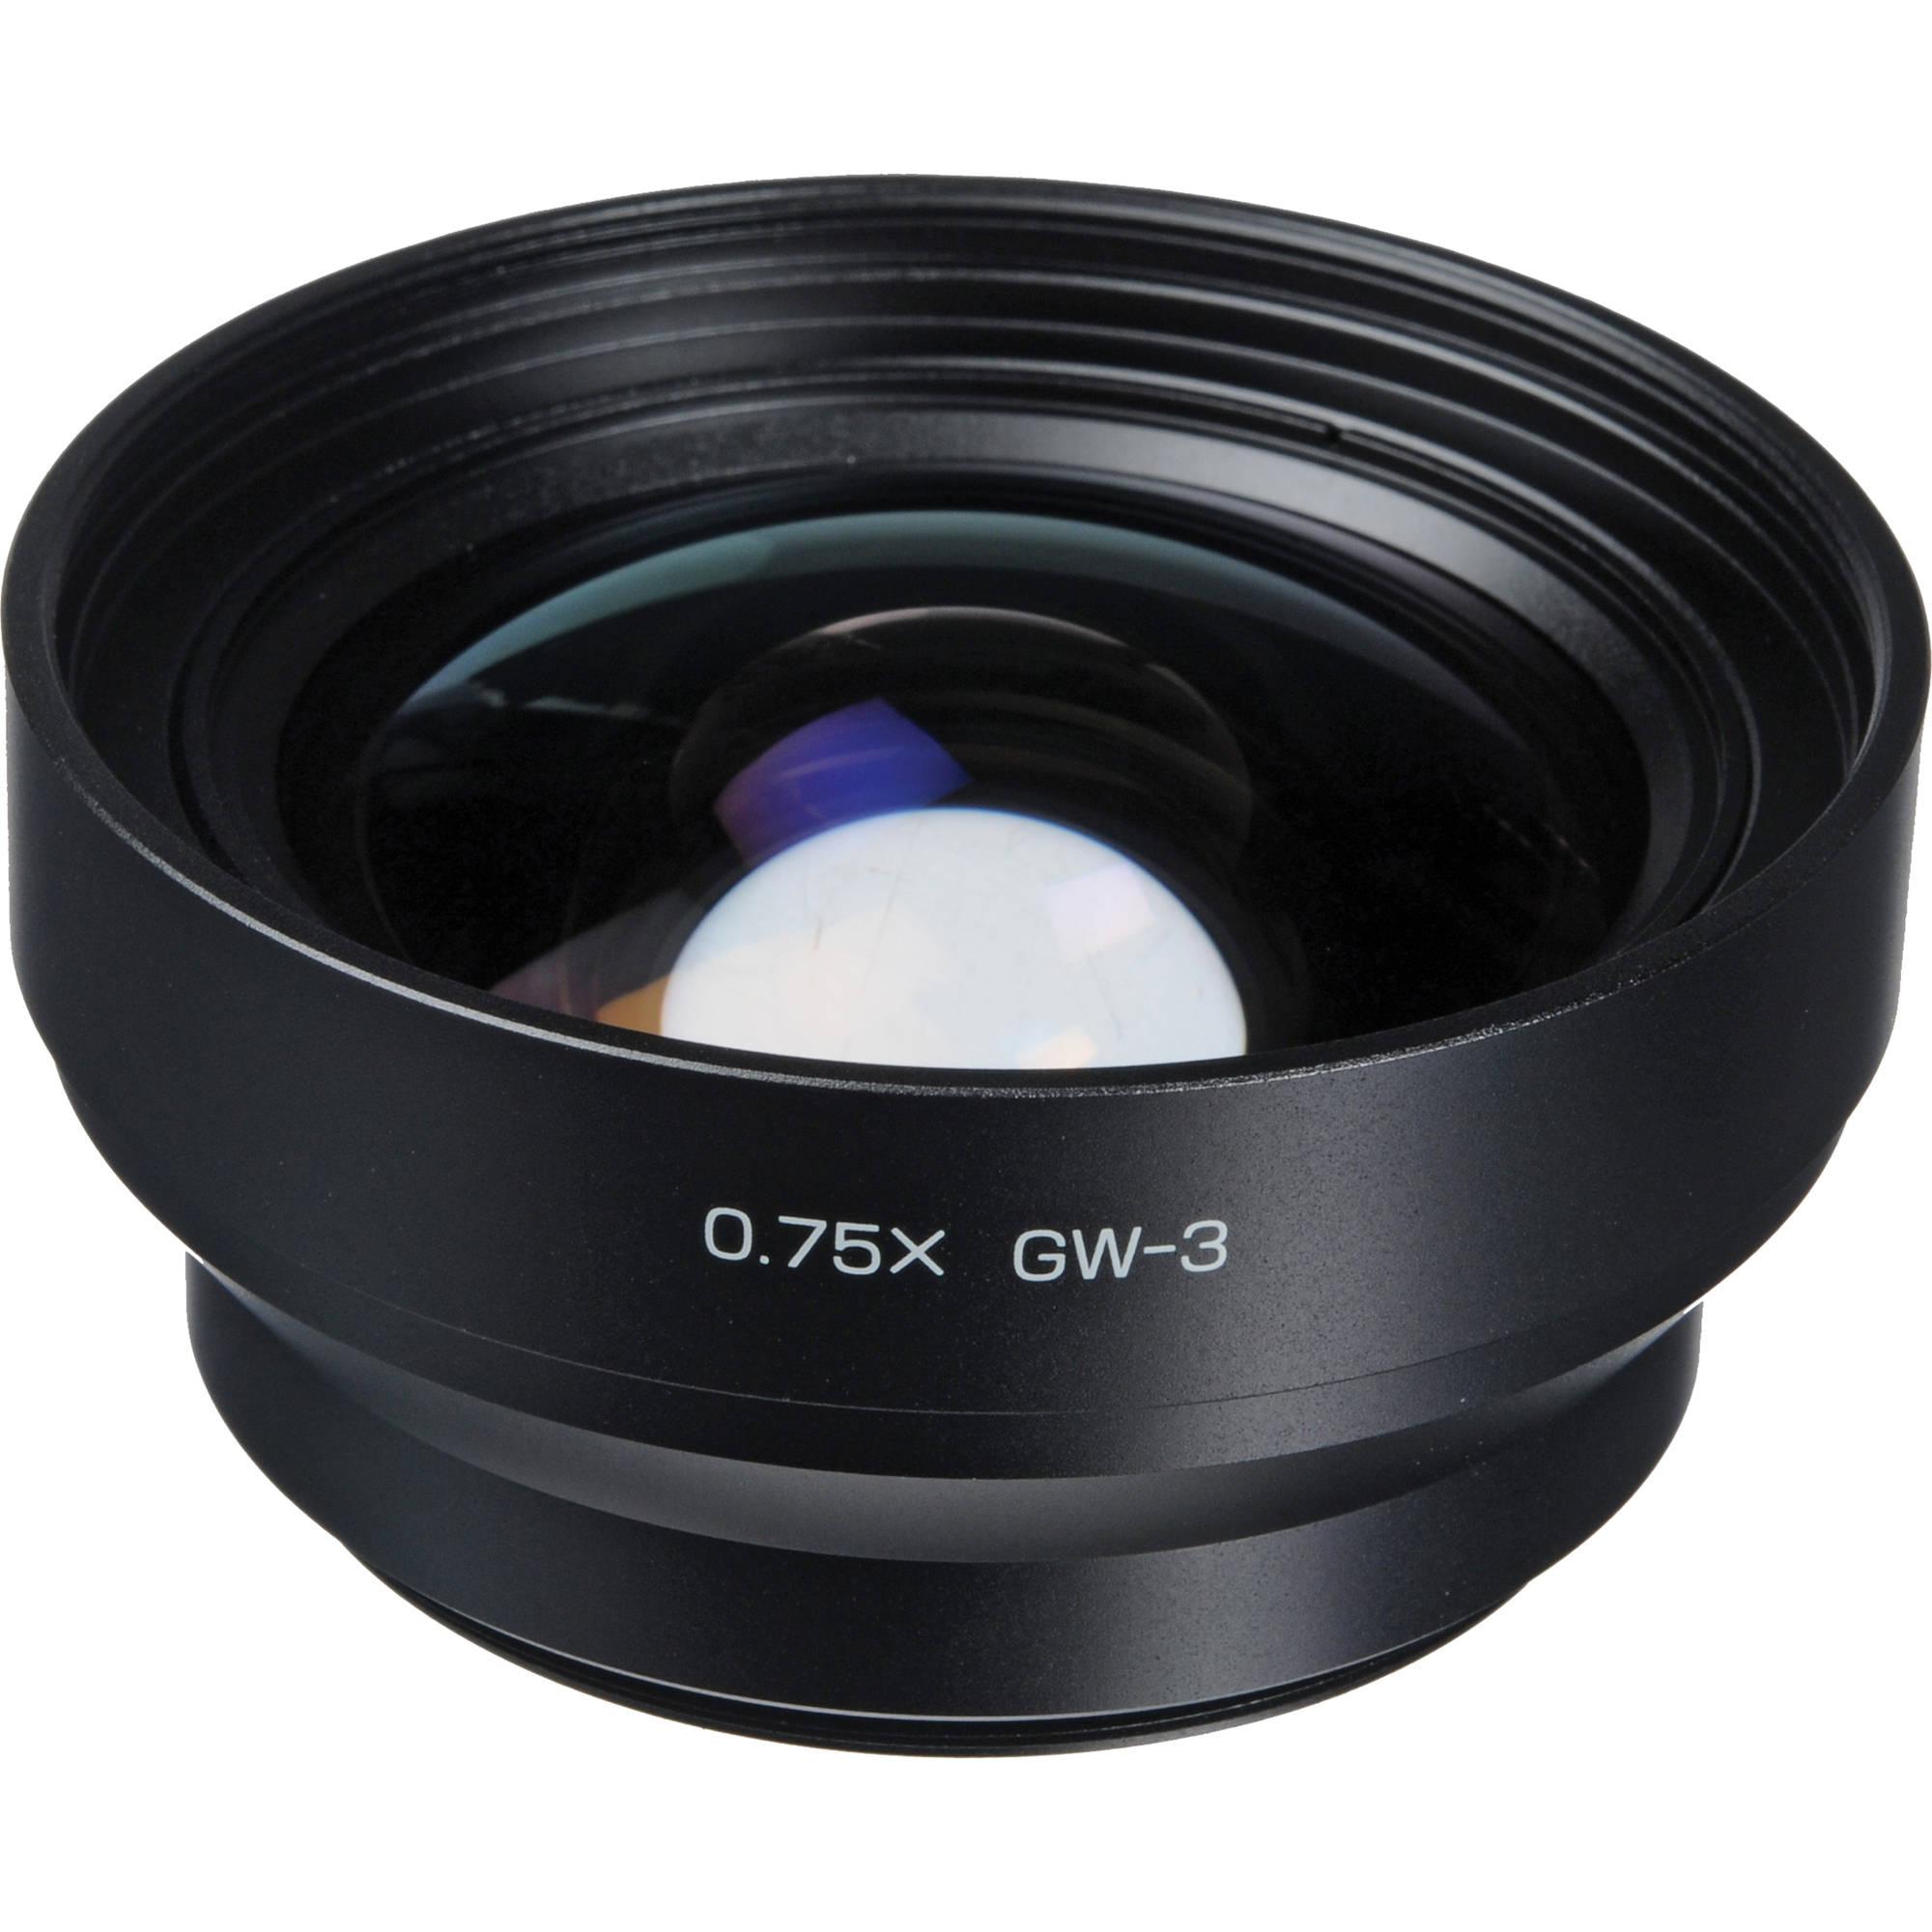 Ricoh GW-3 21mm Wide-Angle Conversion Lens